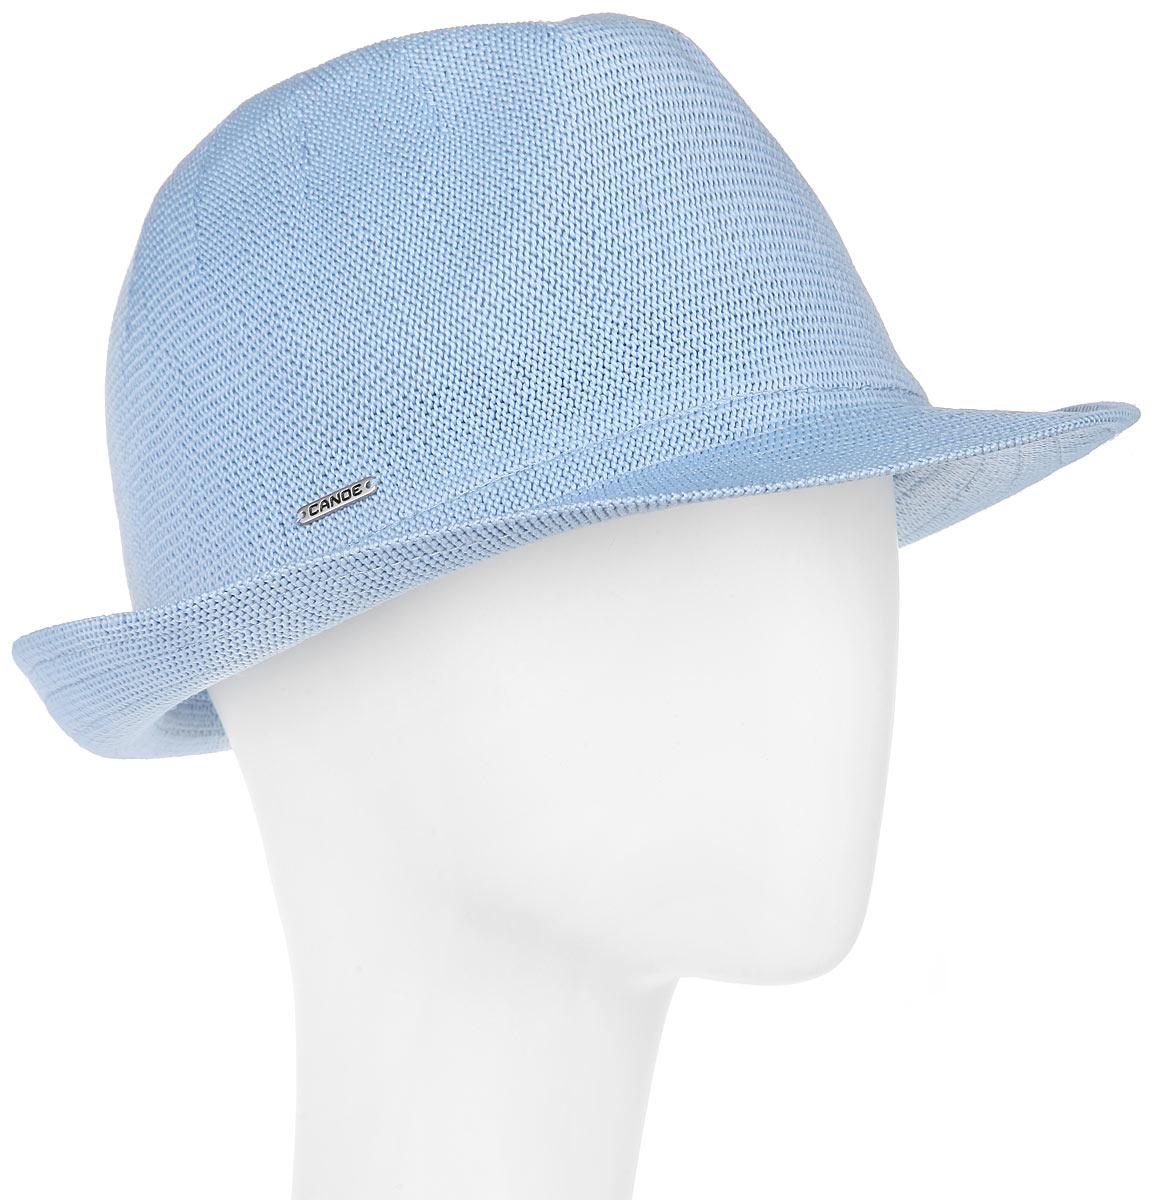 Шляпа1967287Модная шляпа Canoe Puerto-Rico, выполненная из полиэстера и акрила, украсит любой наряд. Шляпа оформлена небольшим металлическим логотипом фирмы. Благодаря своей форме, шляпа удобно садится по голове и подойдет к любому стилю. Она легко восстанавливает свою форму после сжатия. Такая шляпка подчеркнет вашу неповторимость и дополнит ваш повседневный образ.